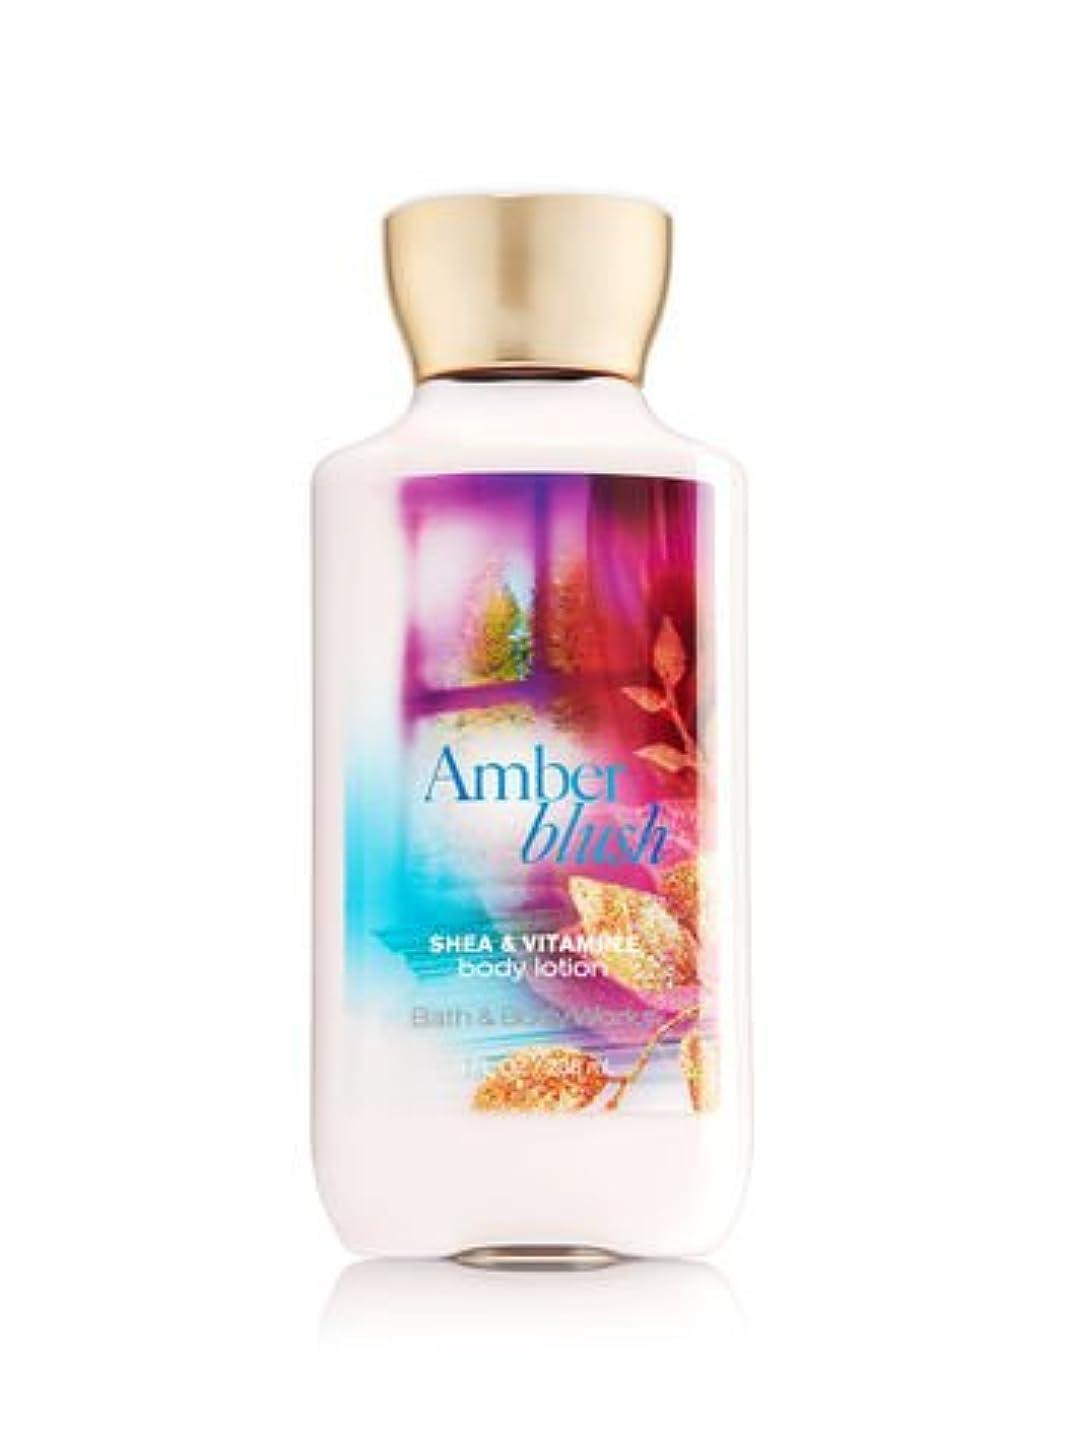 ヒールアルコール必須【Bath&Body Works/バス&ボディワークス】 ボディローション アンバーブラッシュ Body Lotion Amber Blush 8 fl oz / 236 mL [並行輸入品]